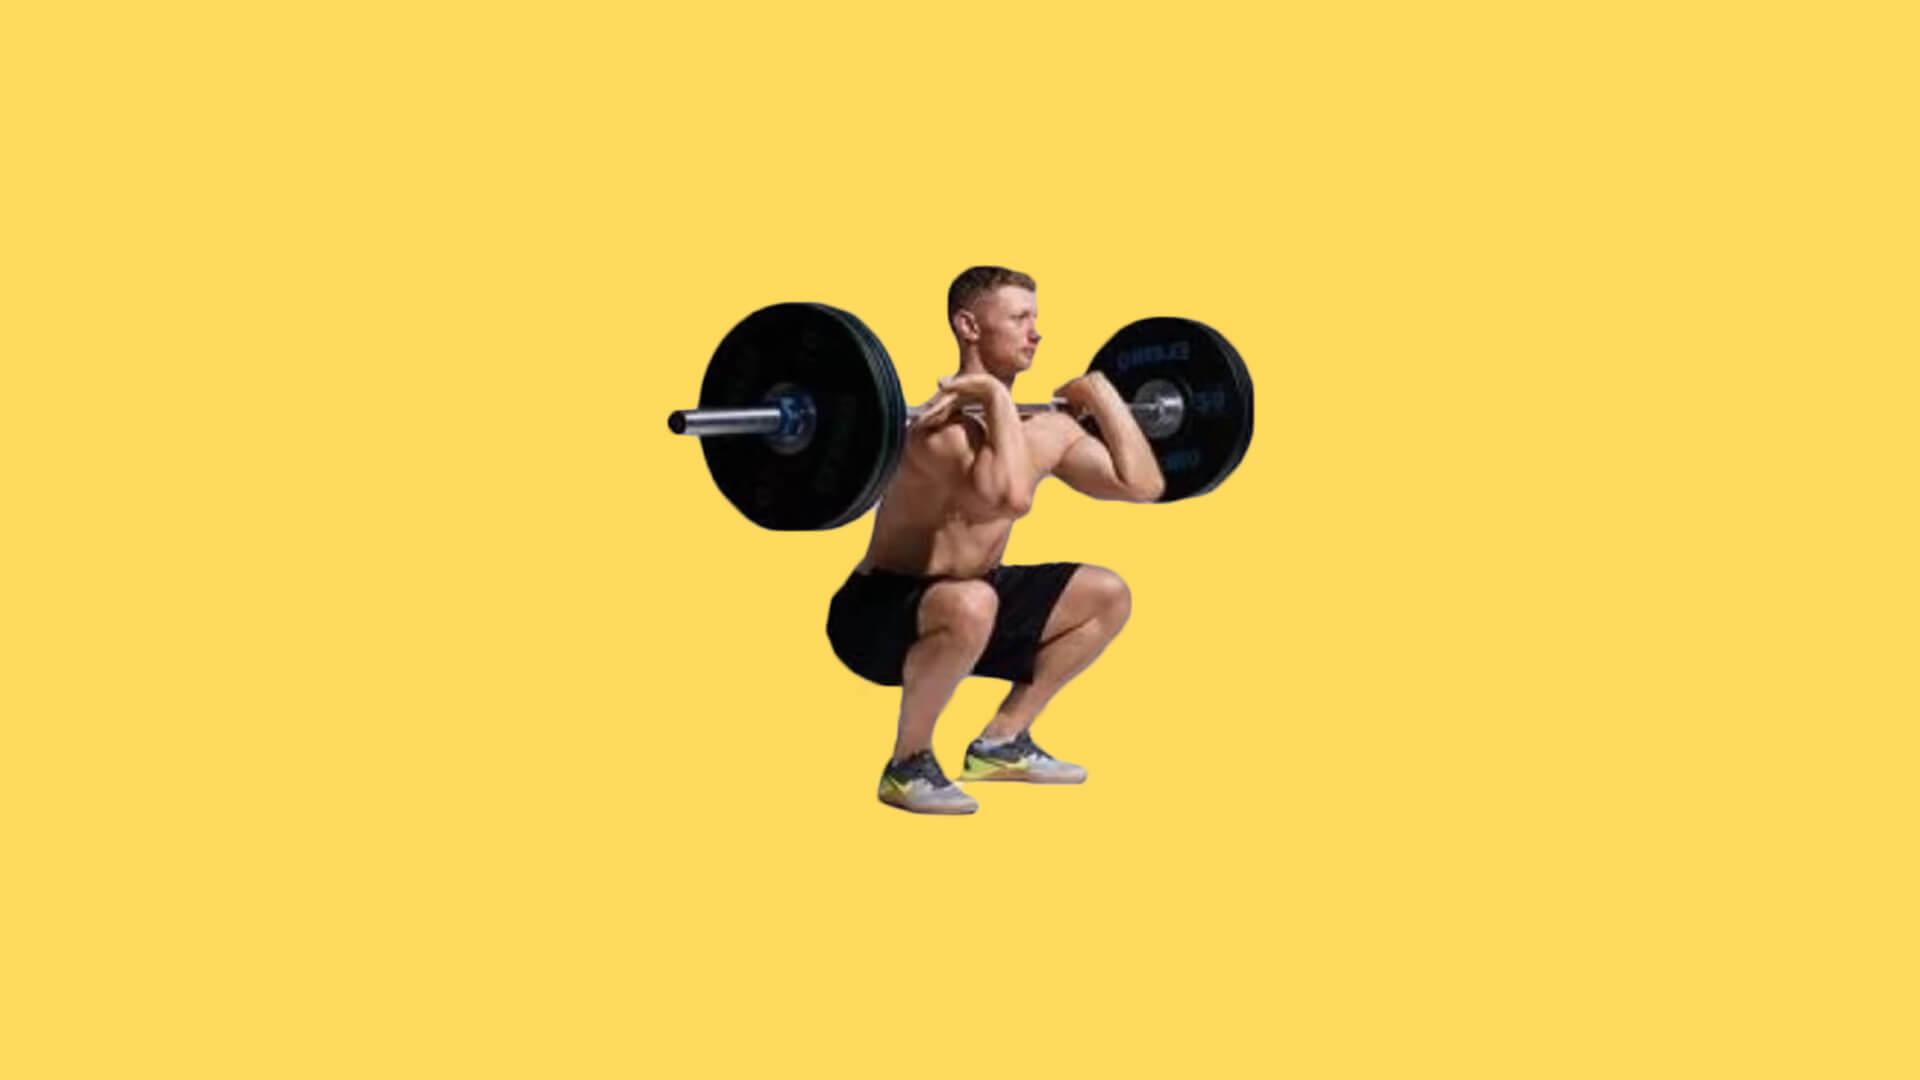 Комплексные упражнения на все группы мышц: фото.